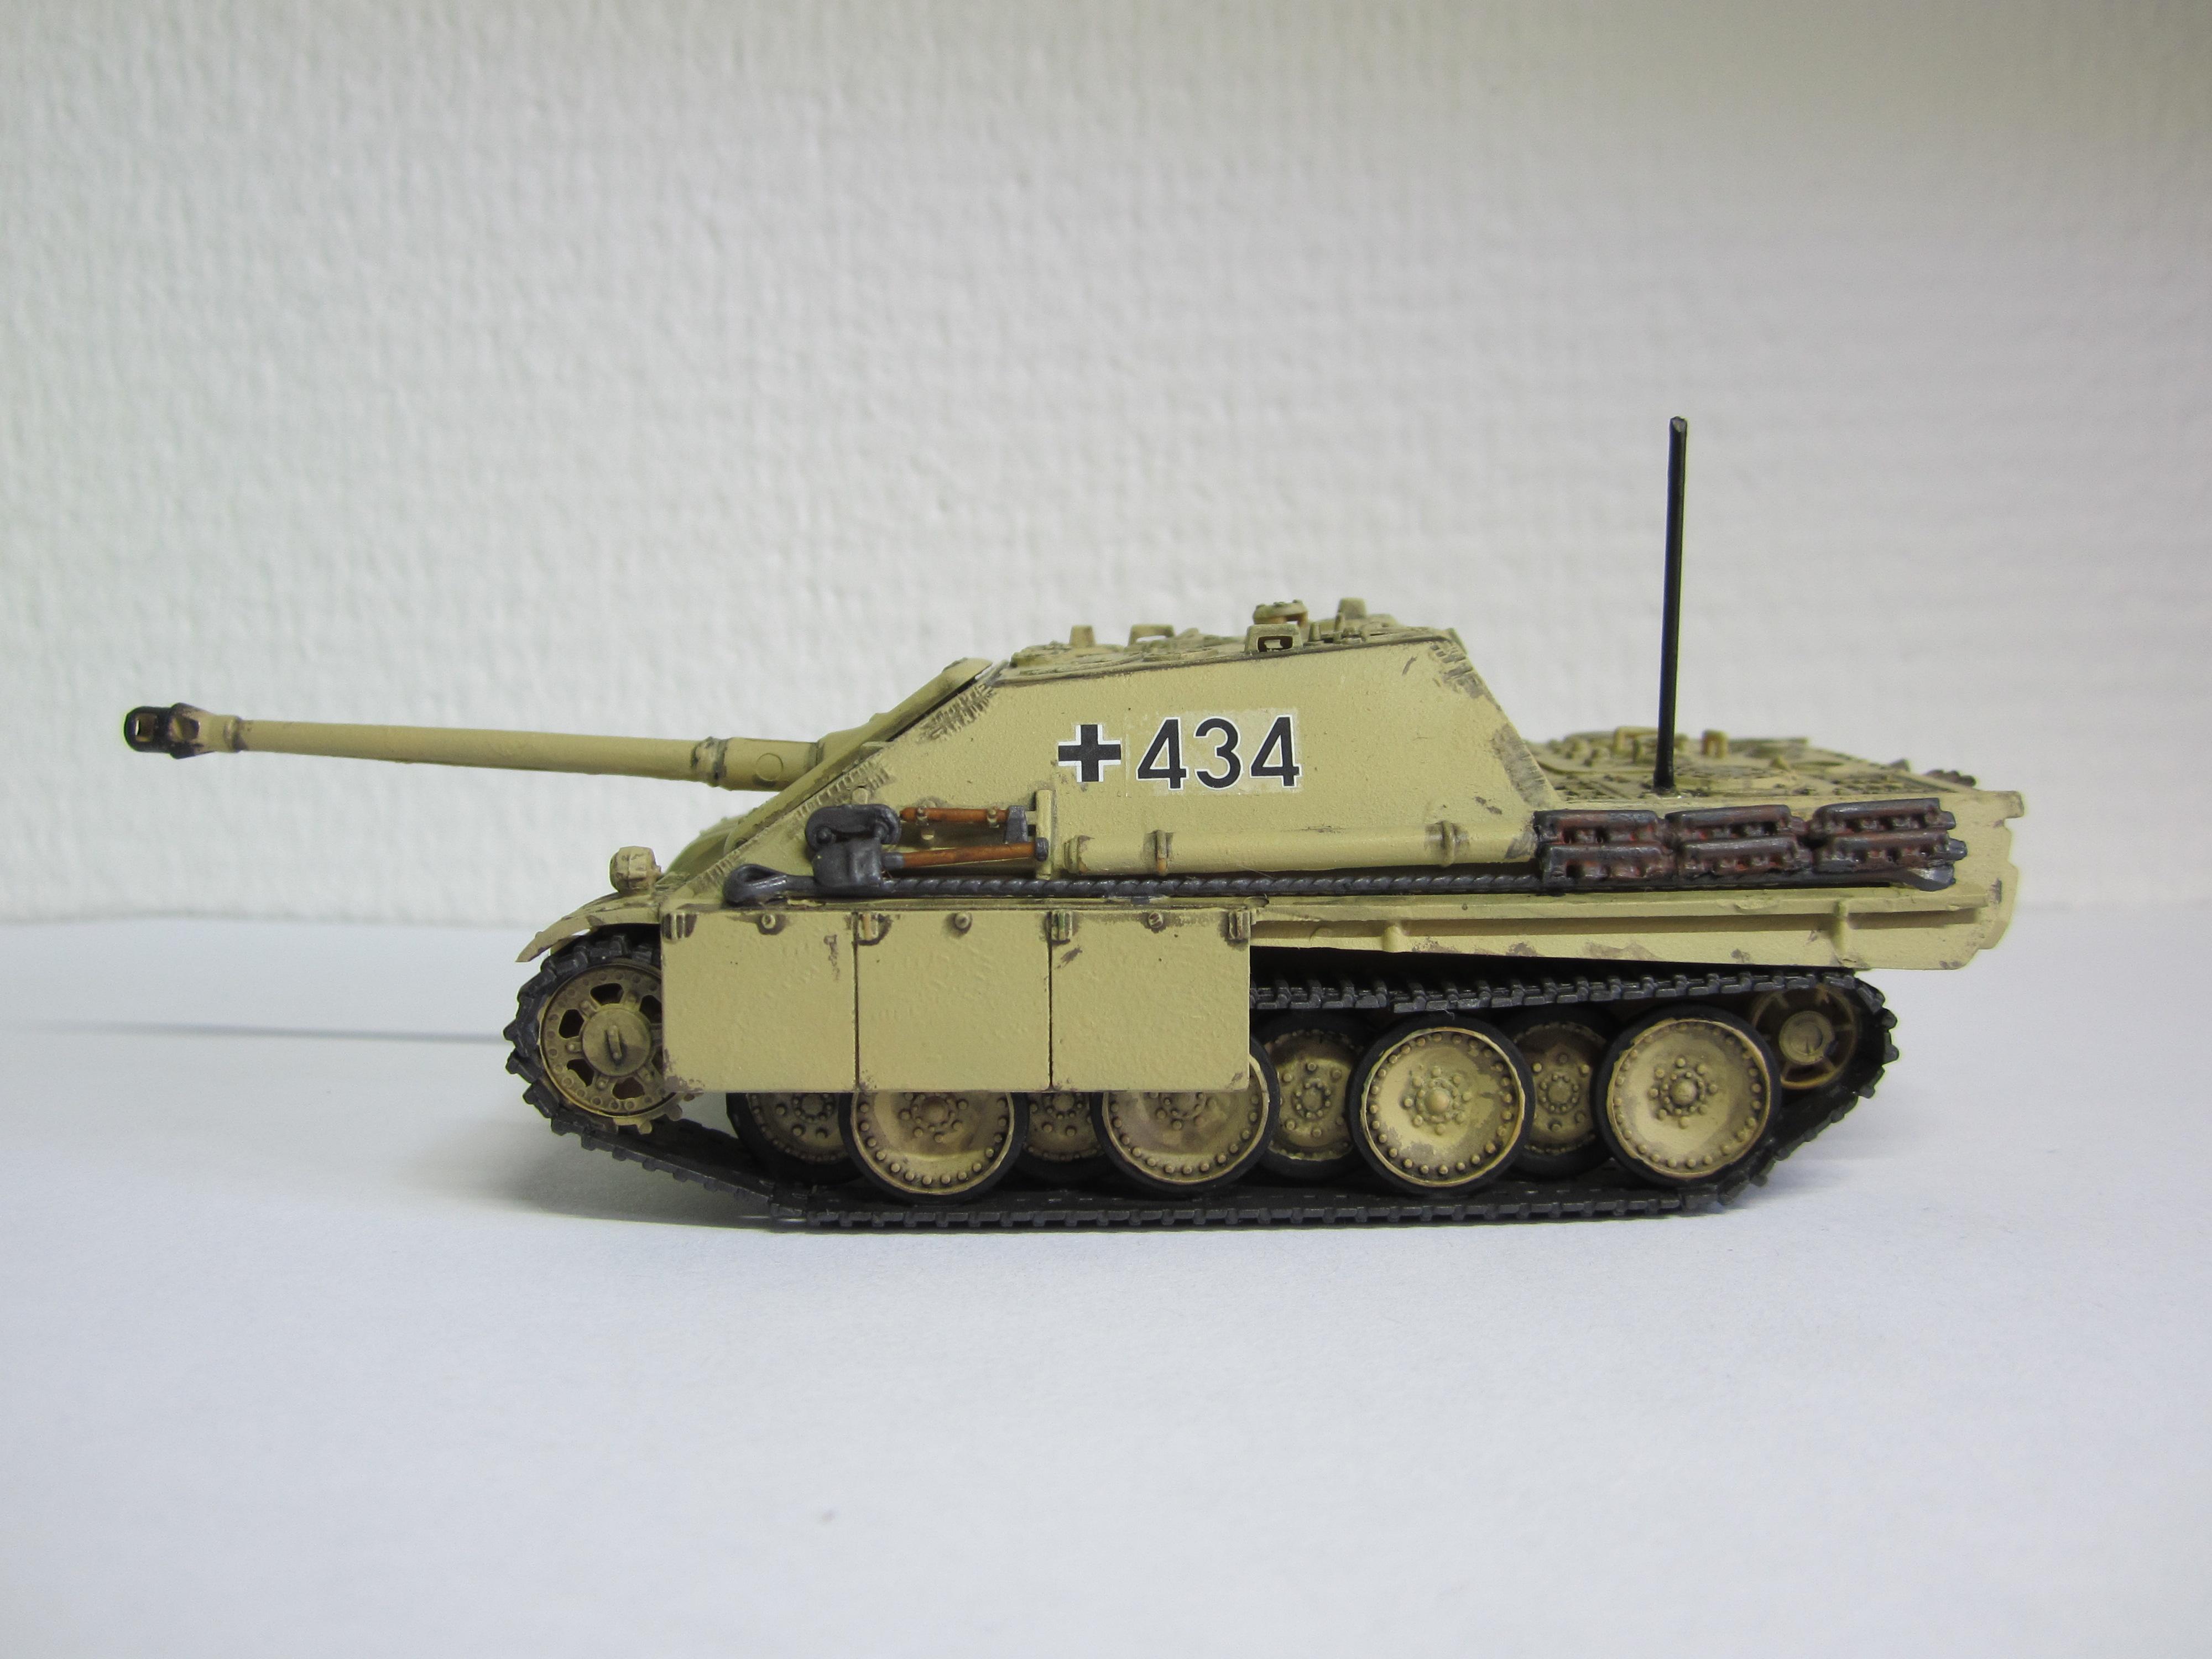 Figuren KöniG's Panzer Lehr Division - Seite 4 Img_3848a6suz